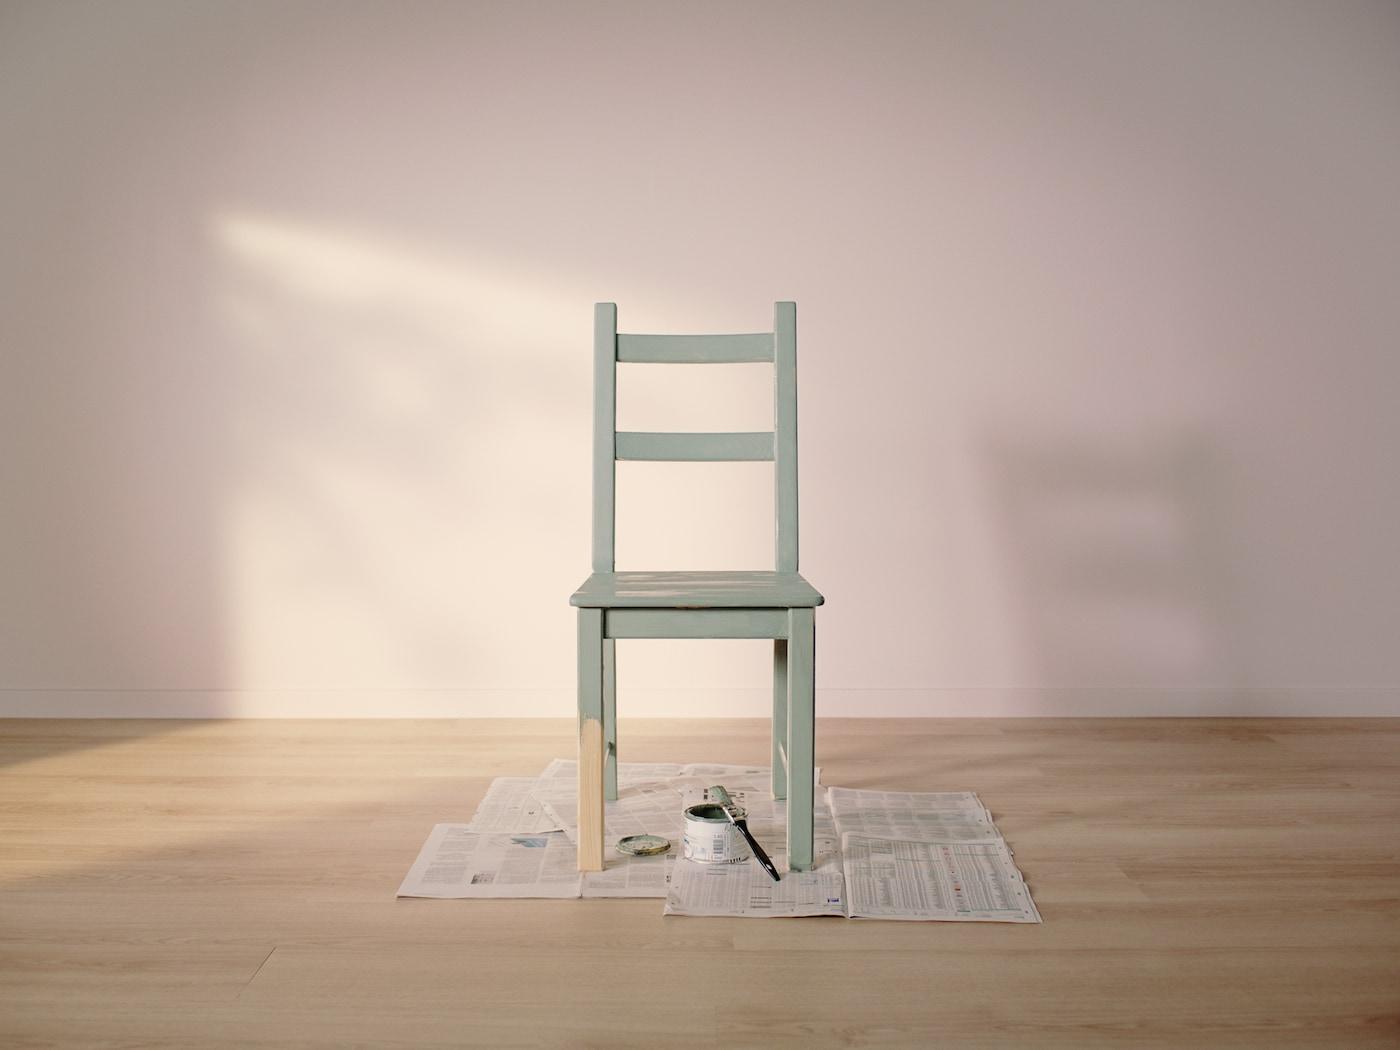 Une chaise IVAR en pin entièrement peinte en vert sauf pour la moitié d'un pied est posée sur du papier journal à côté d'un pot de peinture et d'un pinceau.